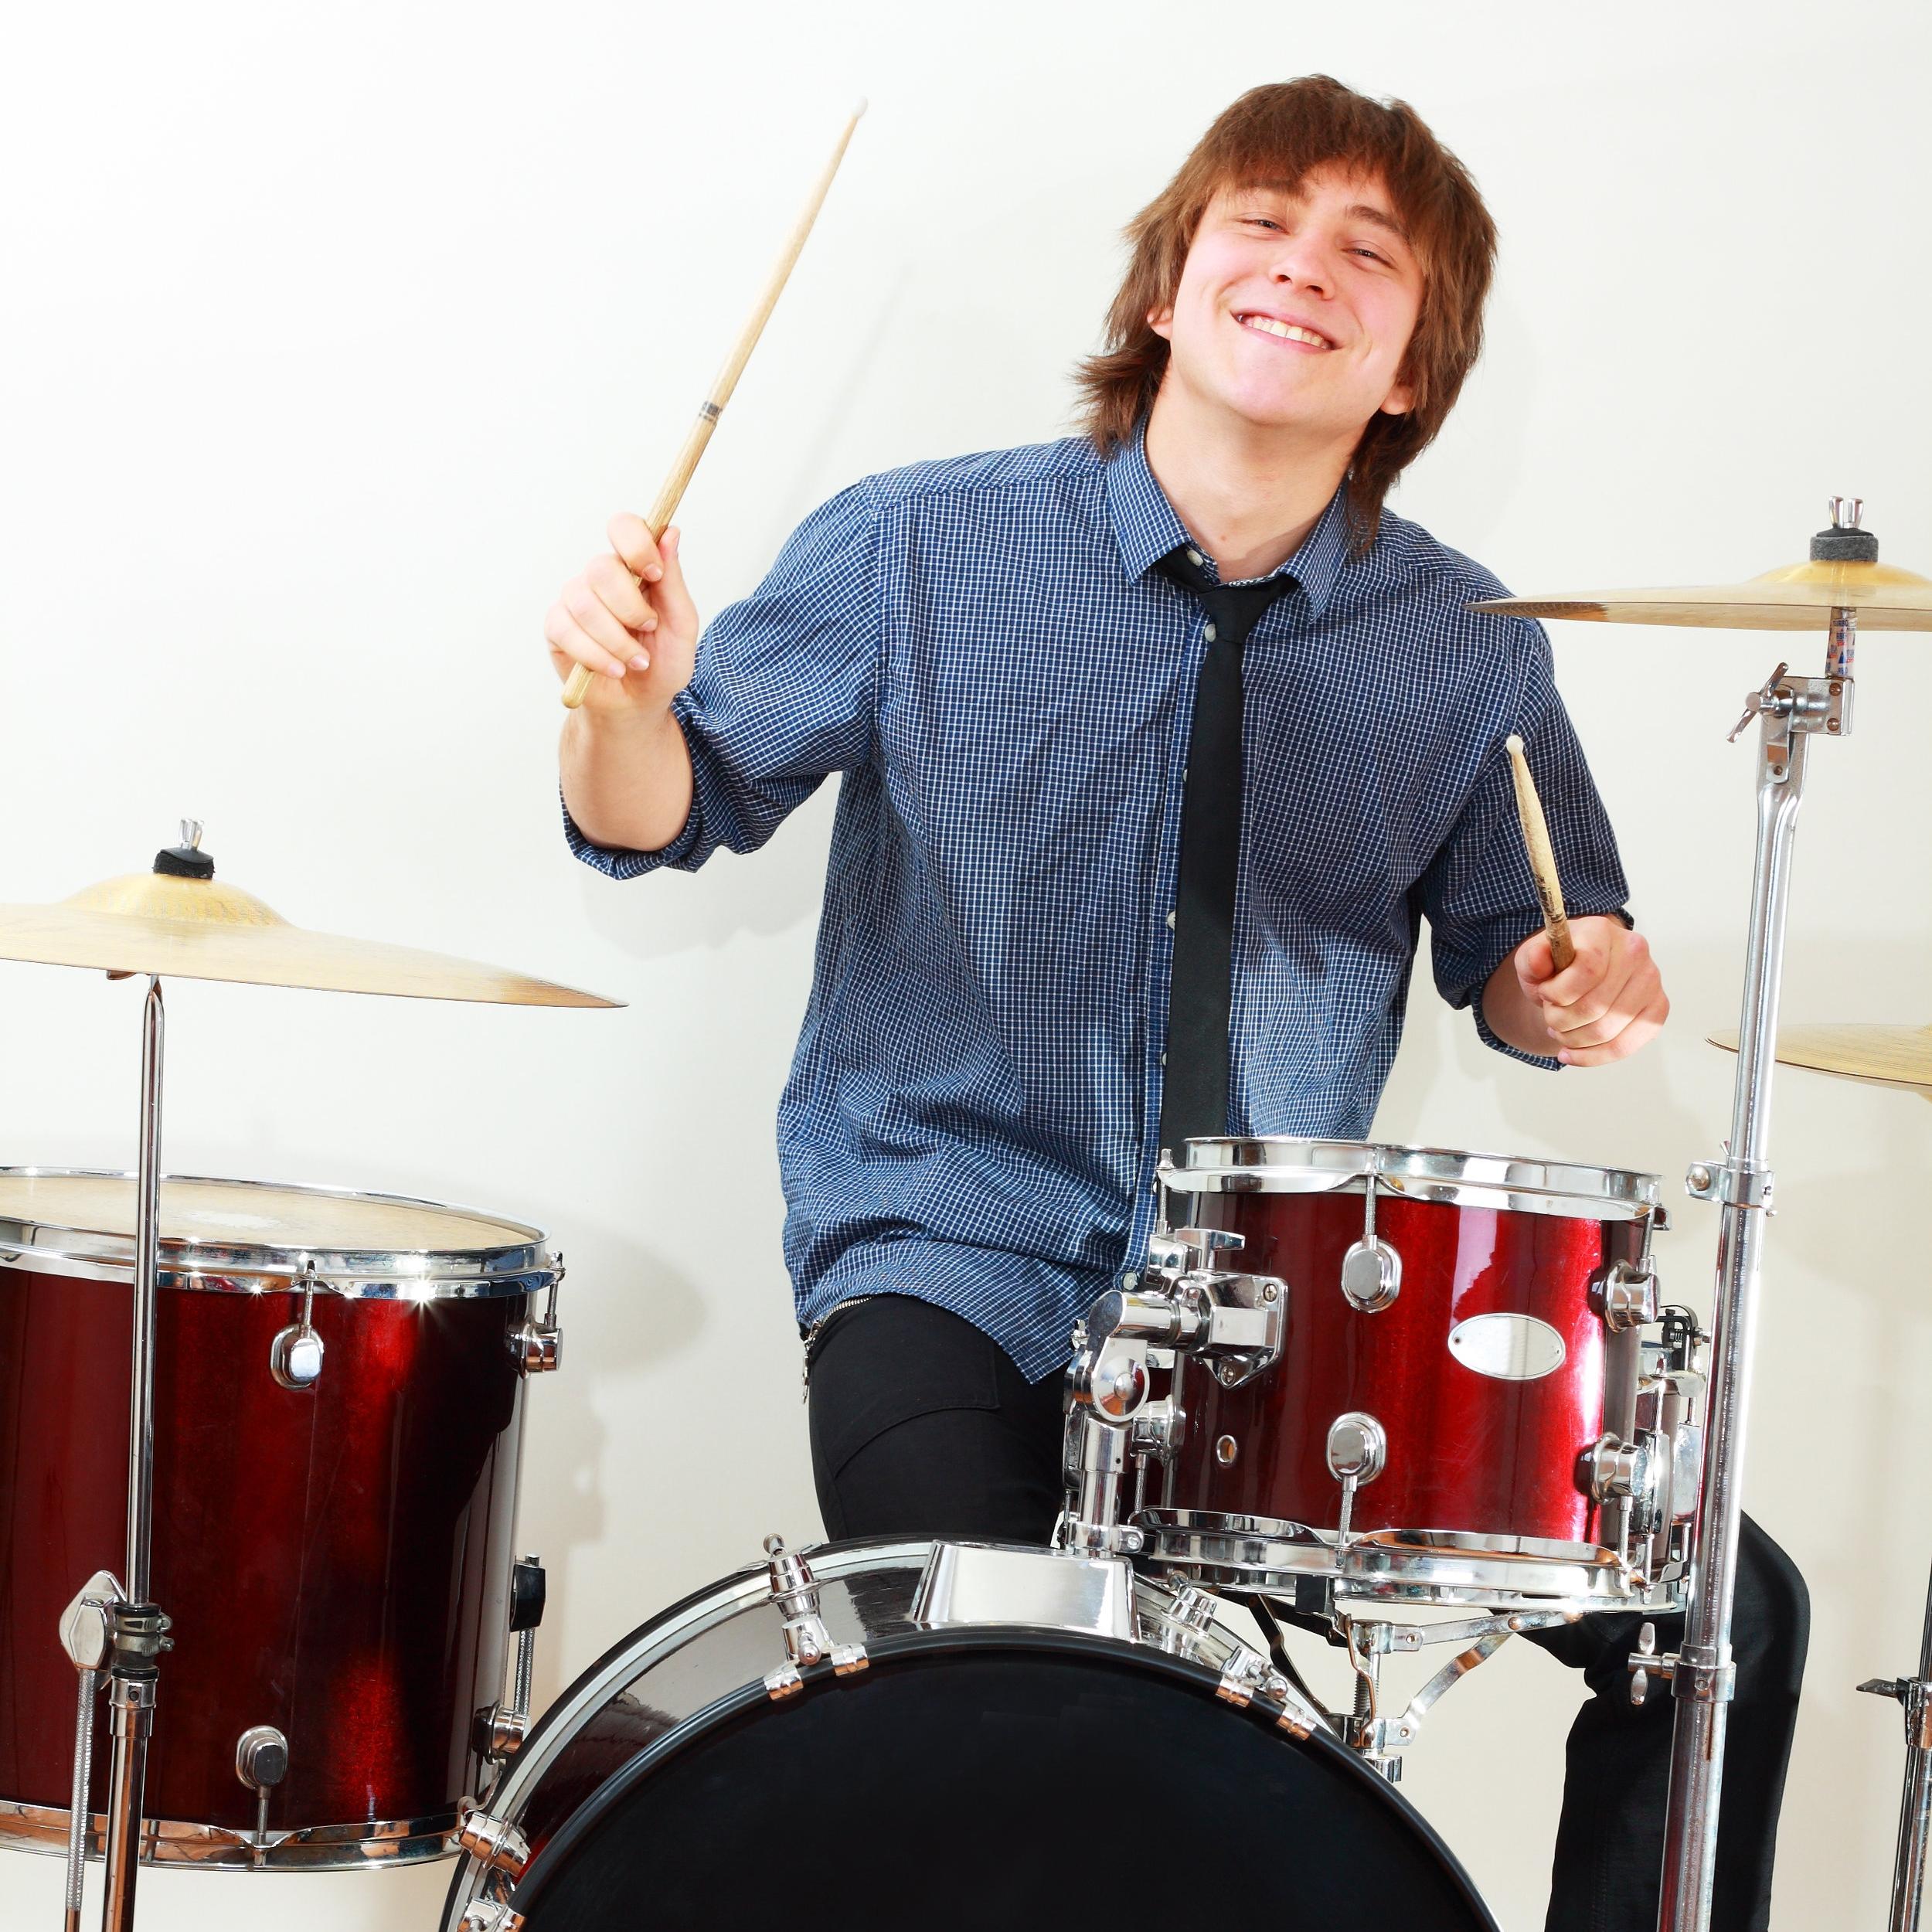 drum-lessons-orlando-6.jpg